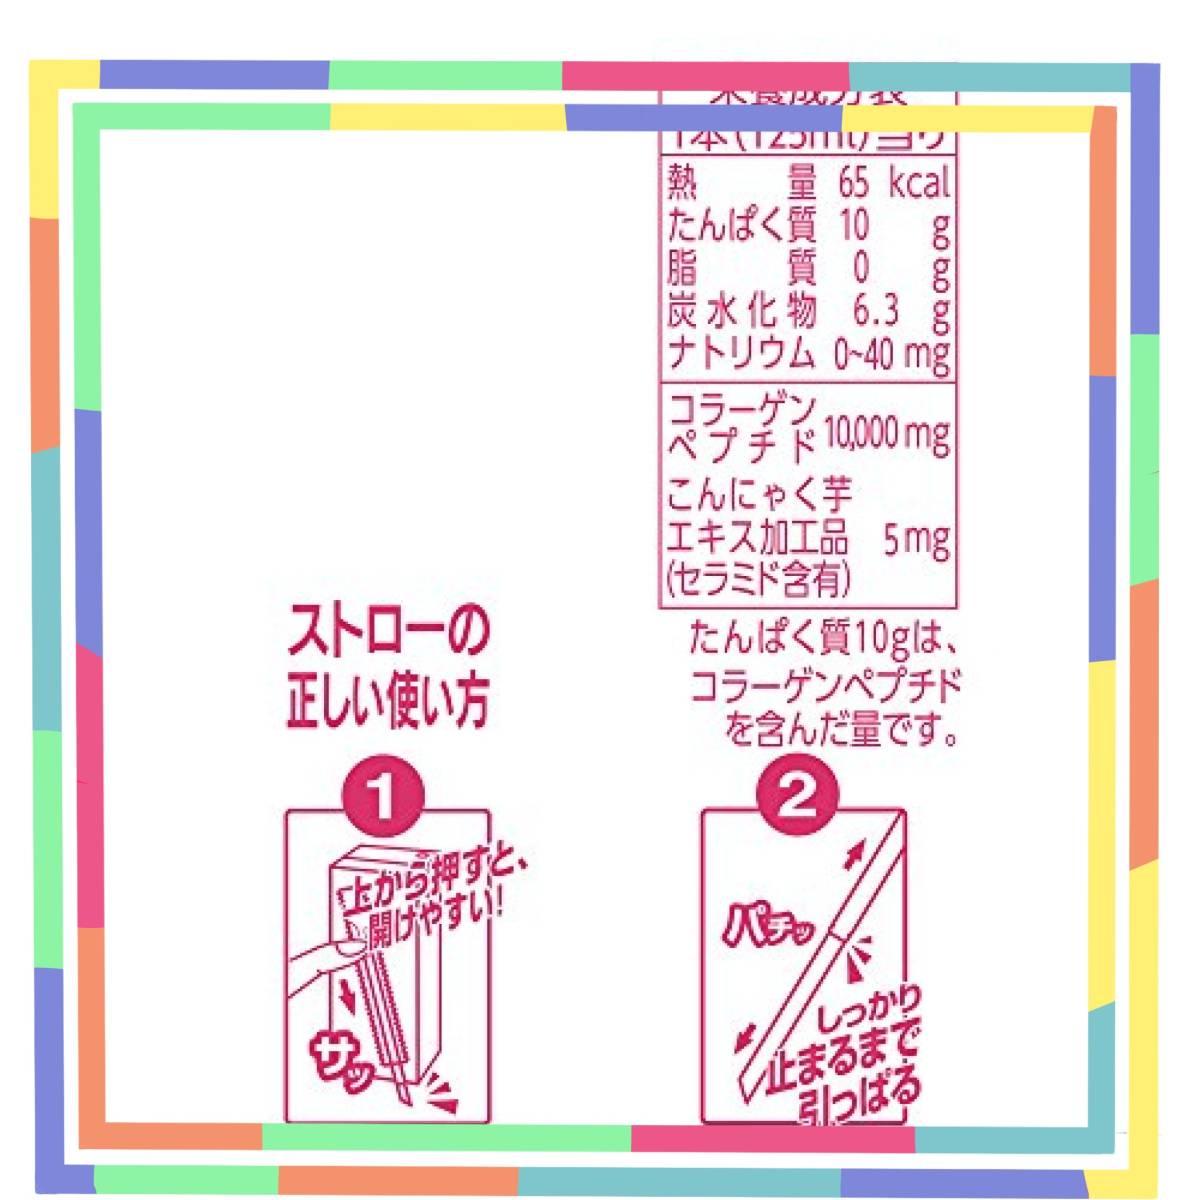 ★赤字覚悟★森永製菓 おいしいコラーゲンドリンク 125ml×12本 ピーチ味 [ 美容 コラーゲン セラミド ビタ_画像3